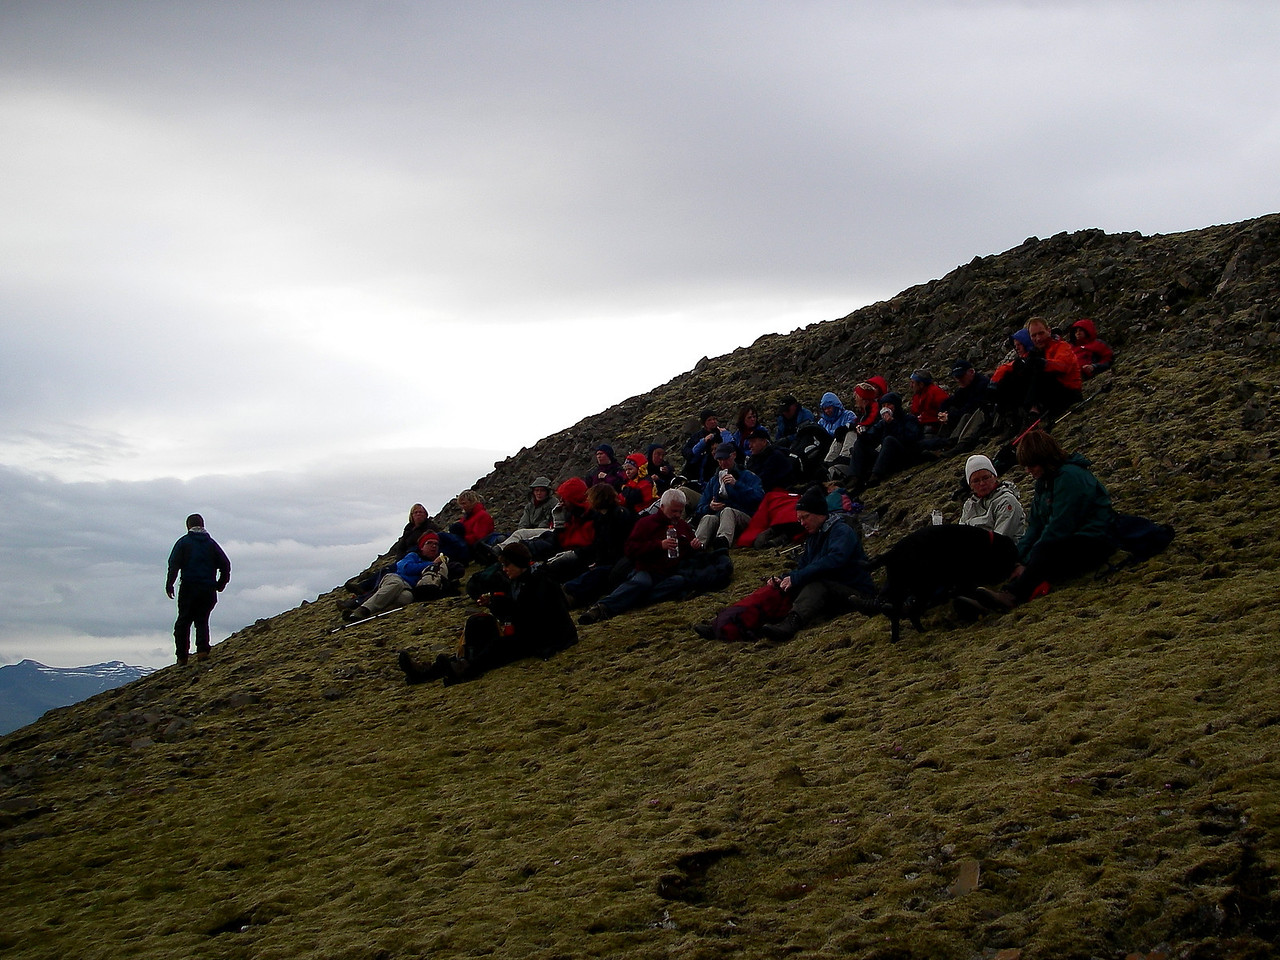 Flestir mættir, sumir lagðir af stað niður. Heiðarhorn í Skarðsheiði lengst til vinstri.